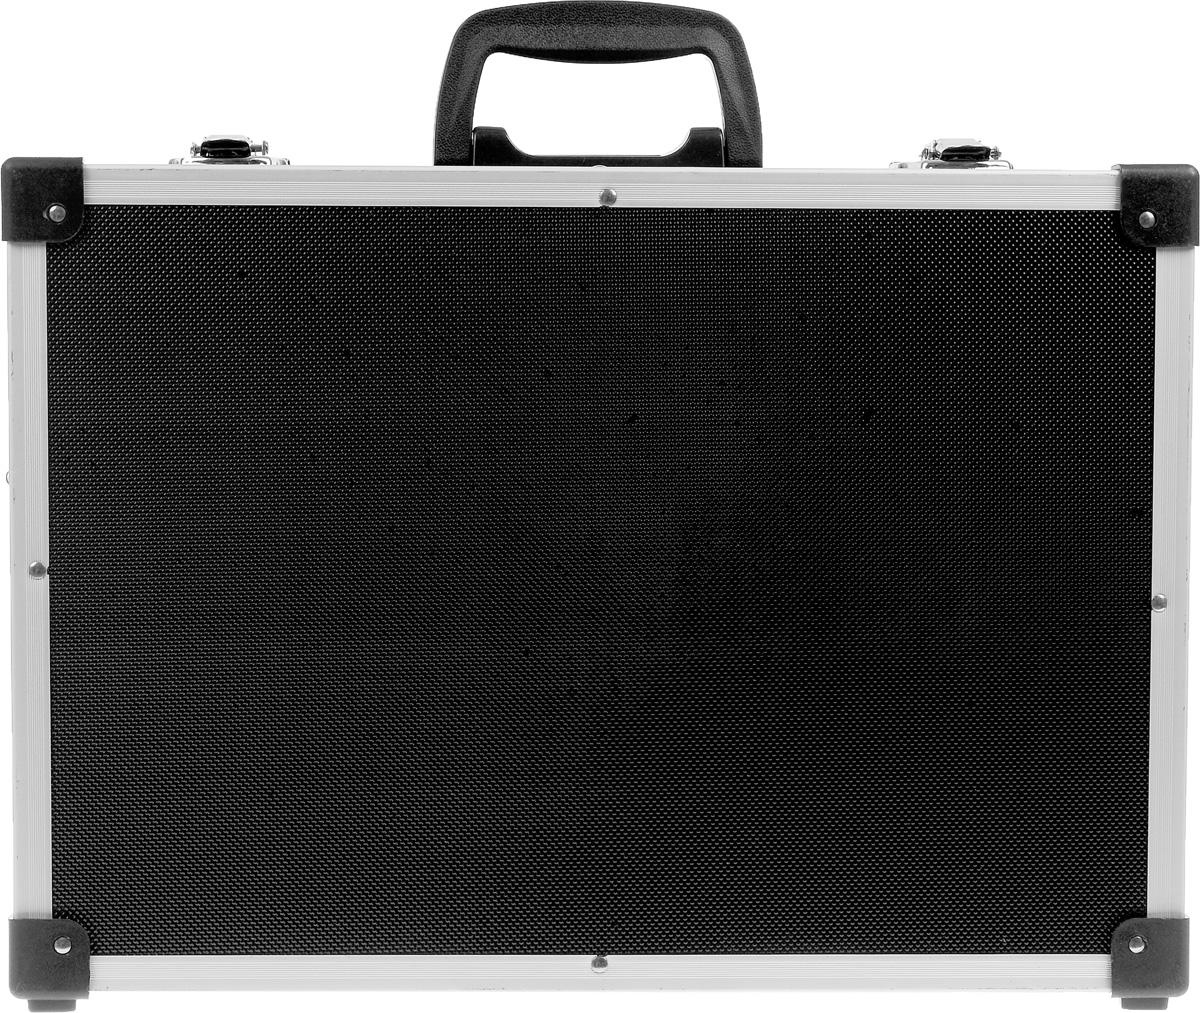 bcb16f9eb090 Ящик для инструментов алюминиевый FIT, цвет: черный, 43 х 31 х 13 см —  купить в интернет-магазине OZON.ru с быстрой доставкой